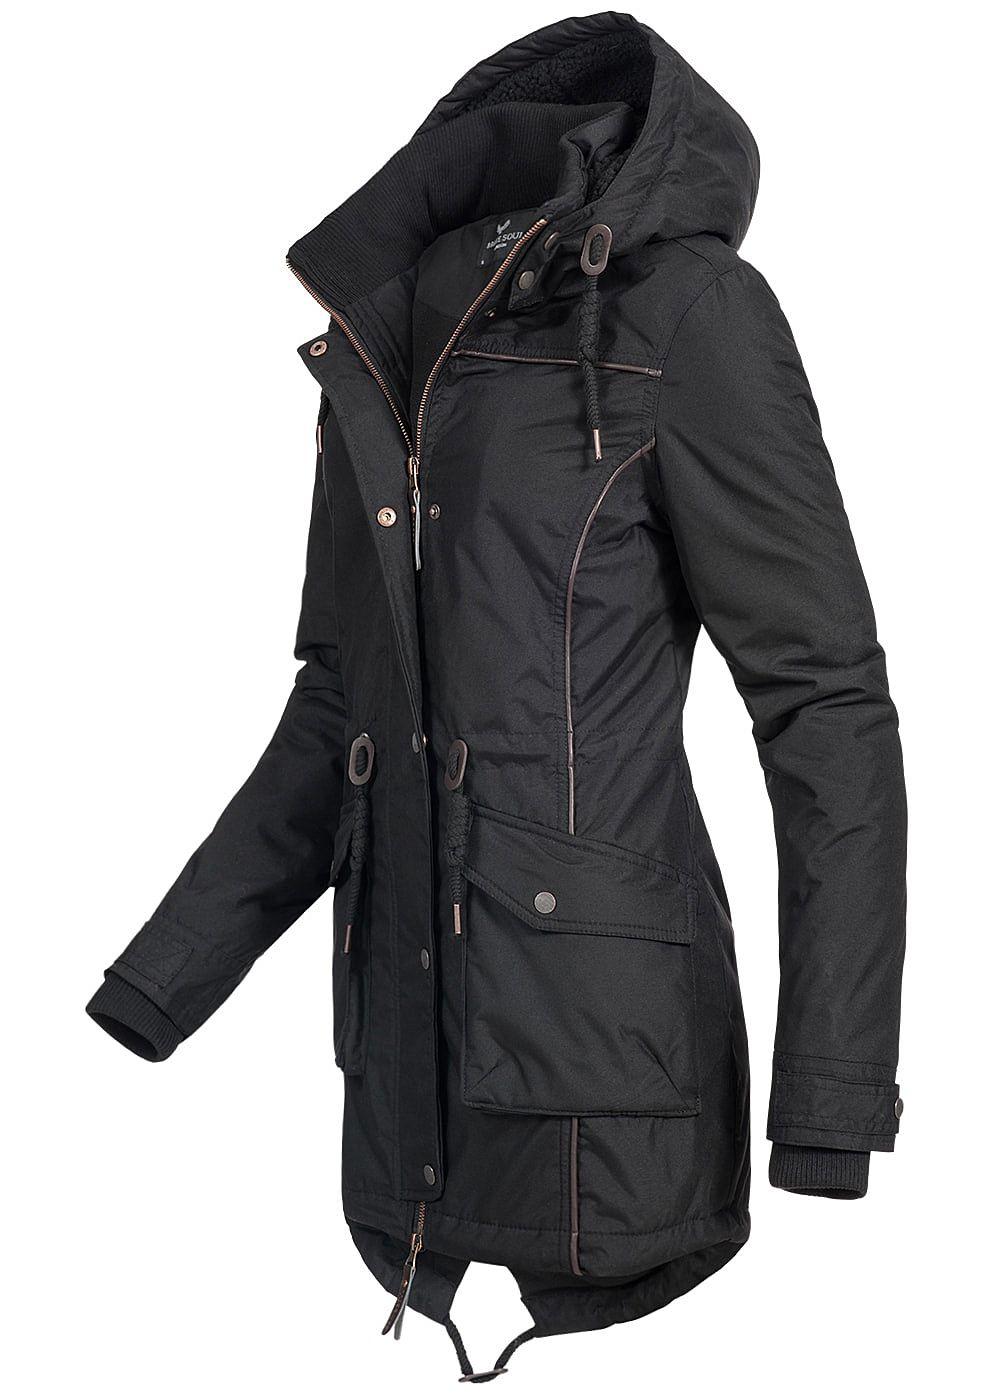 letzte Auswahl Kunden zuerst Verkaufsförderung Seventyseven Lifestyle Damen Winter Parka Kapuze gefüttert 2 Taschen schwarz